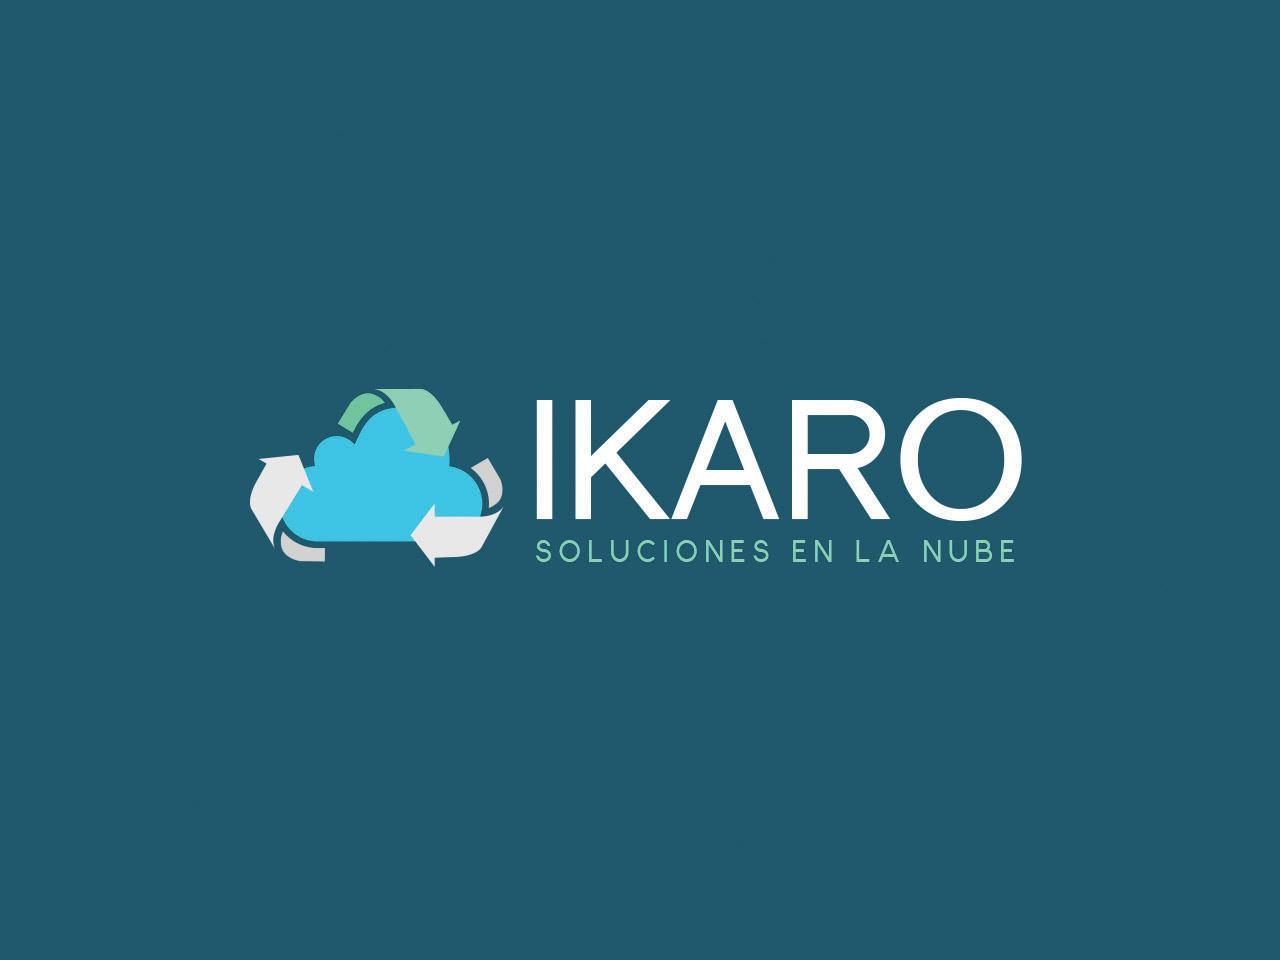 Imagen de Ikaro Soluciones IT Bogotá por Movidagrafica